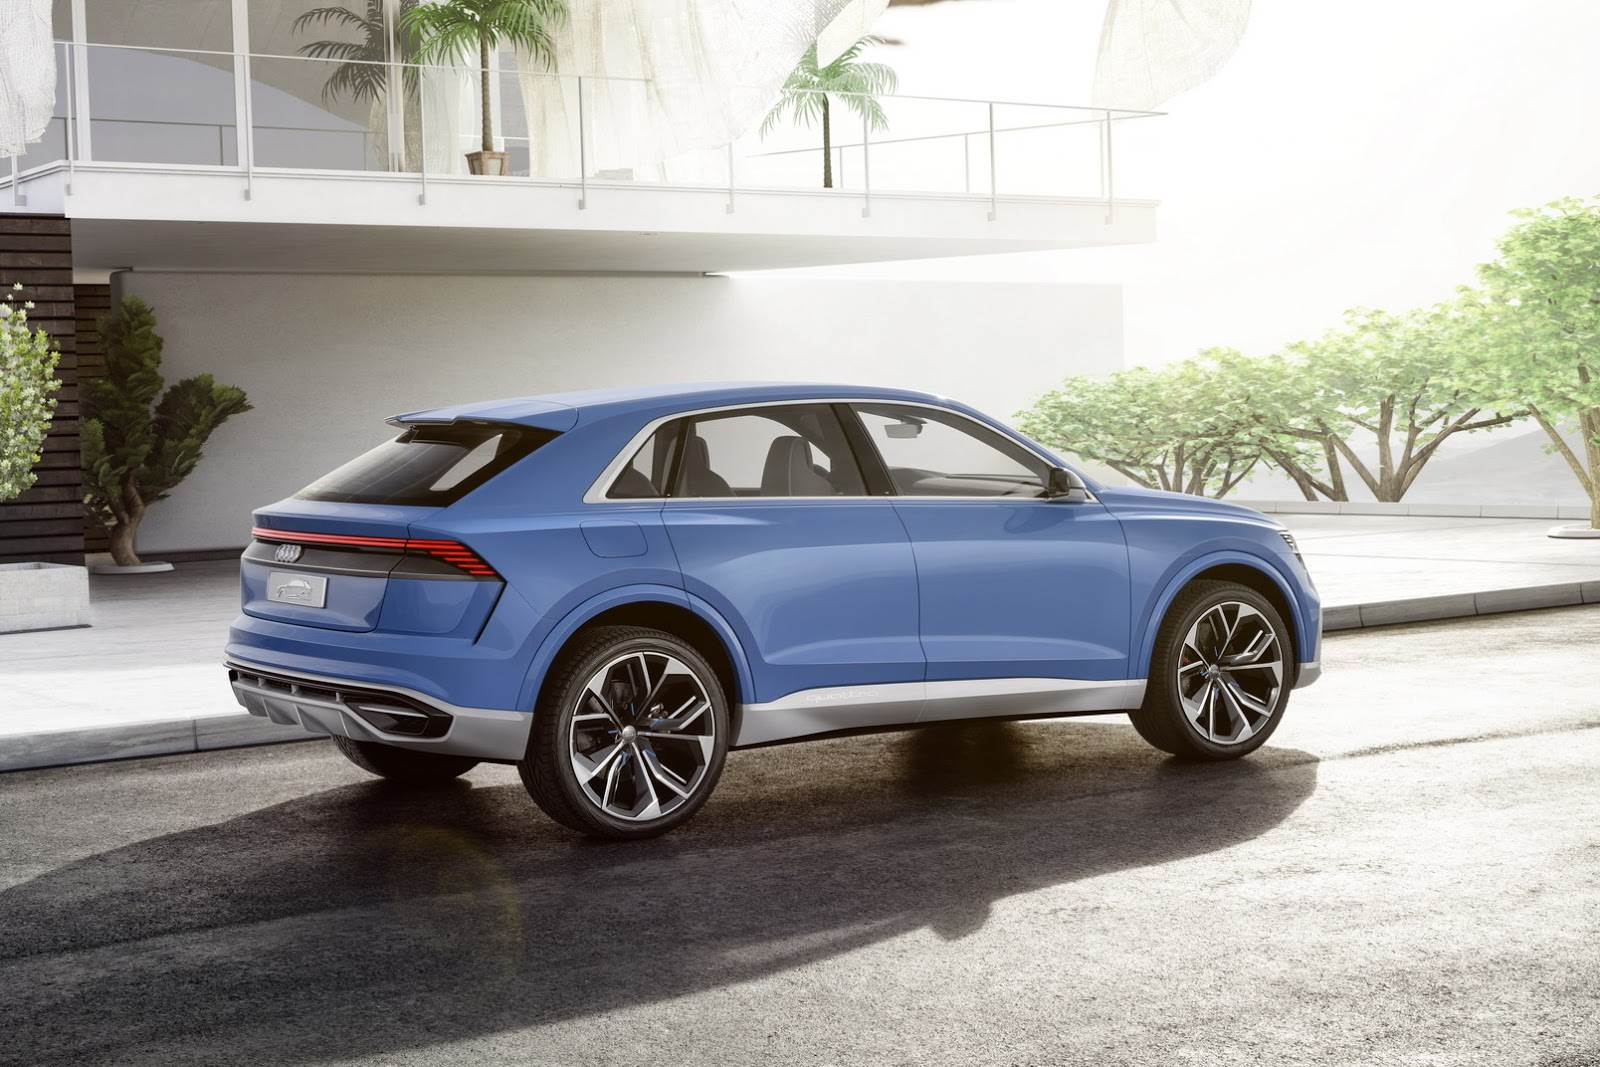 Audi Q8 concept image gallery - Autocar India